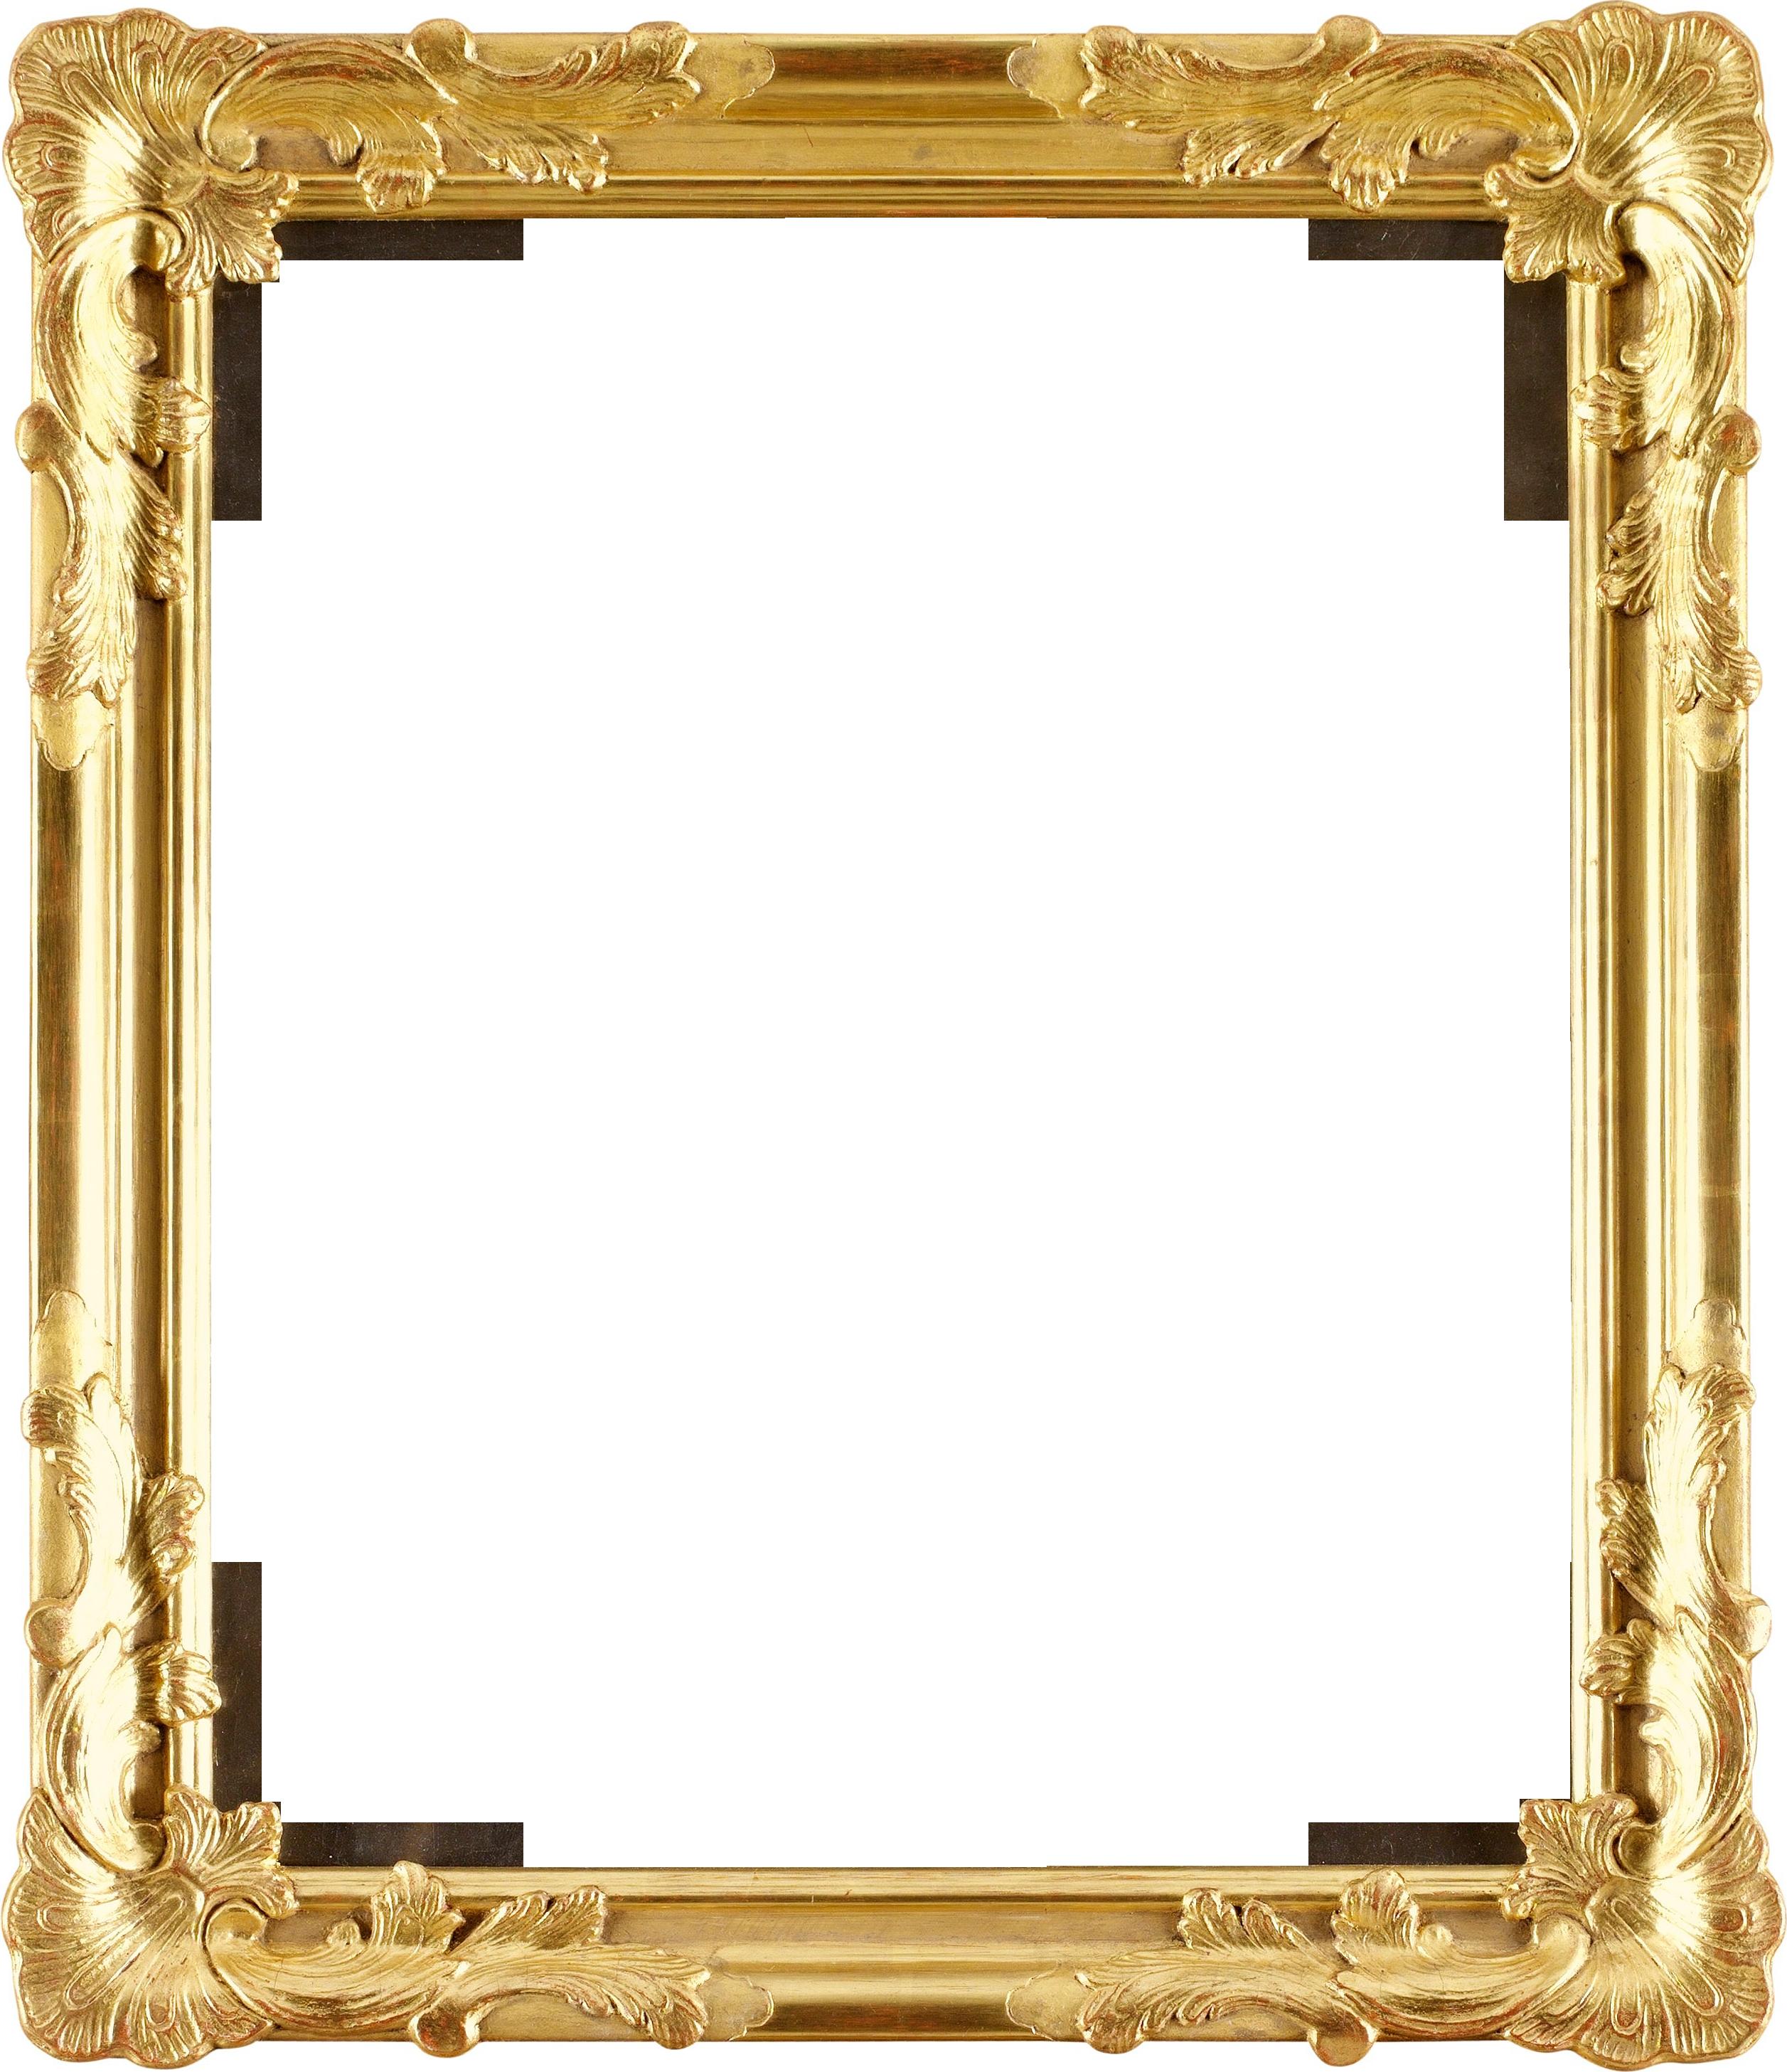 Рамка для фото картинки на прозрачном фоне, лавровый